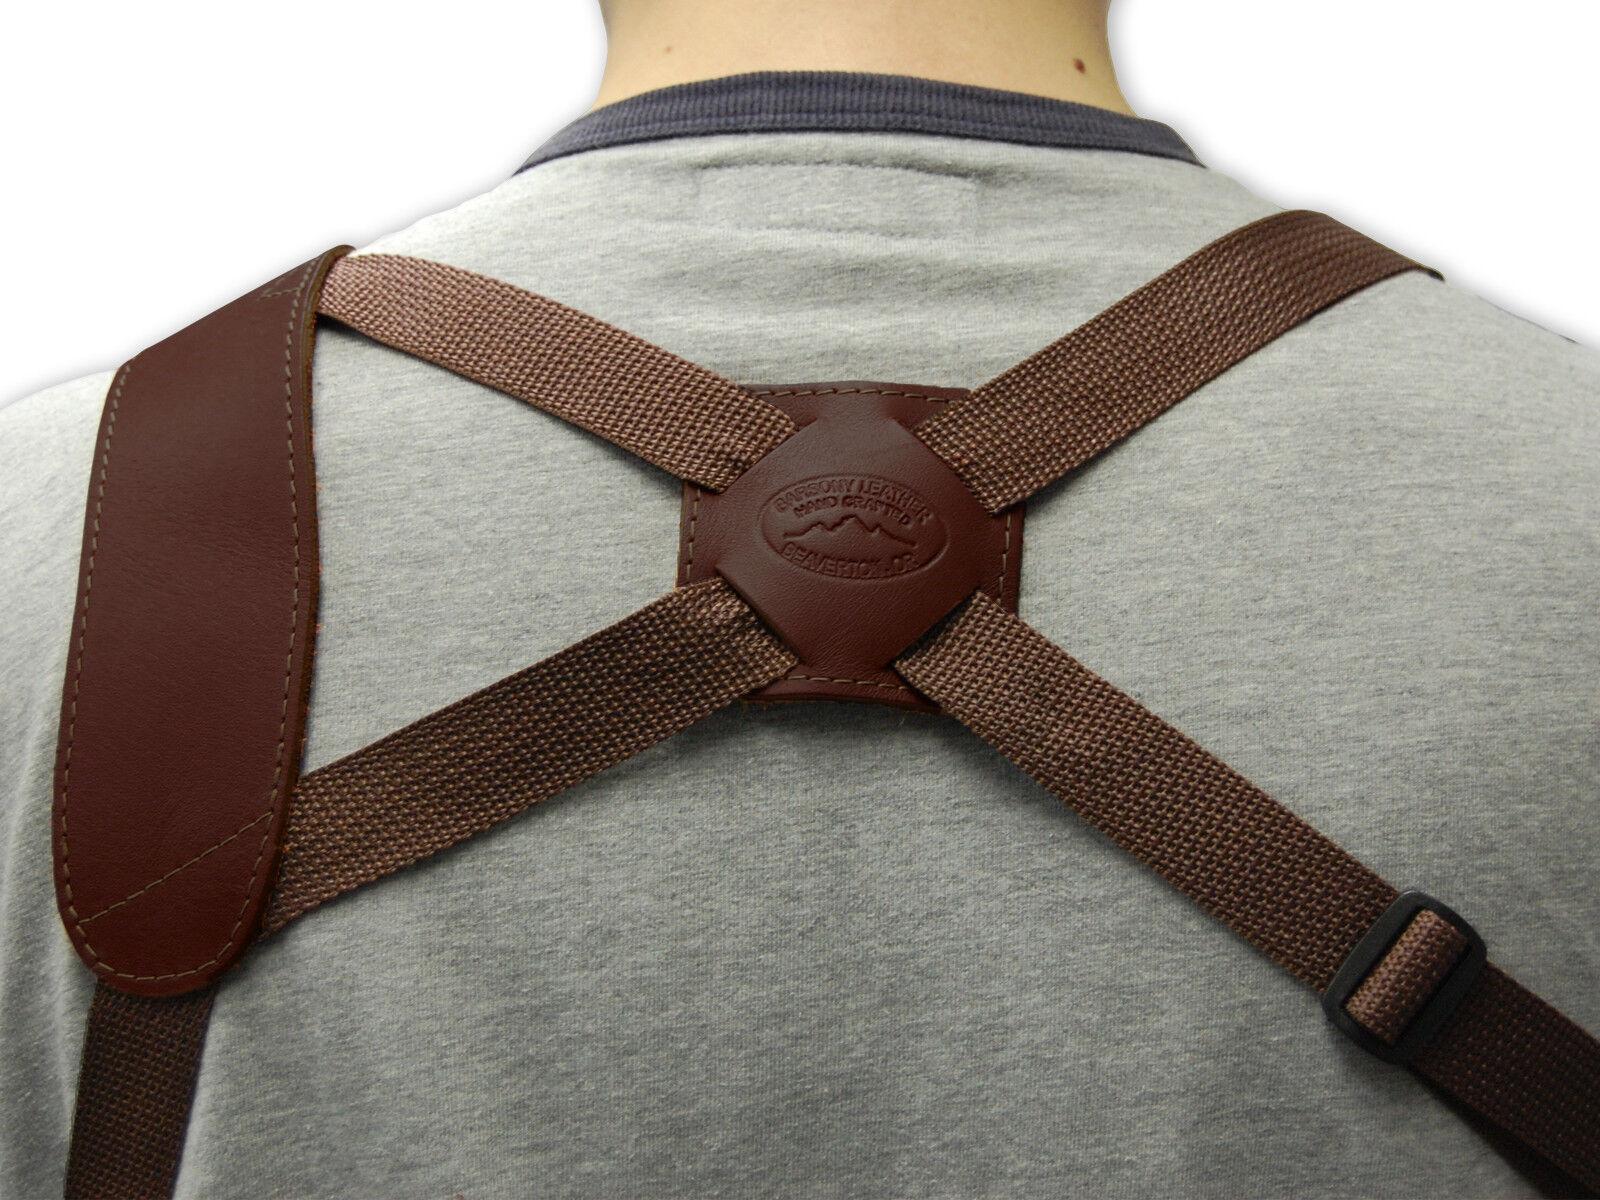 Barsony Braun Leder Vertical Shoulder COLT Holster for COLT Shoulder SINGLE ACTION ARMY 4